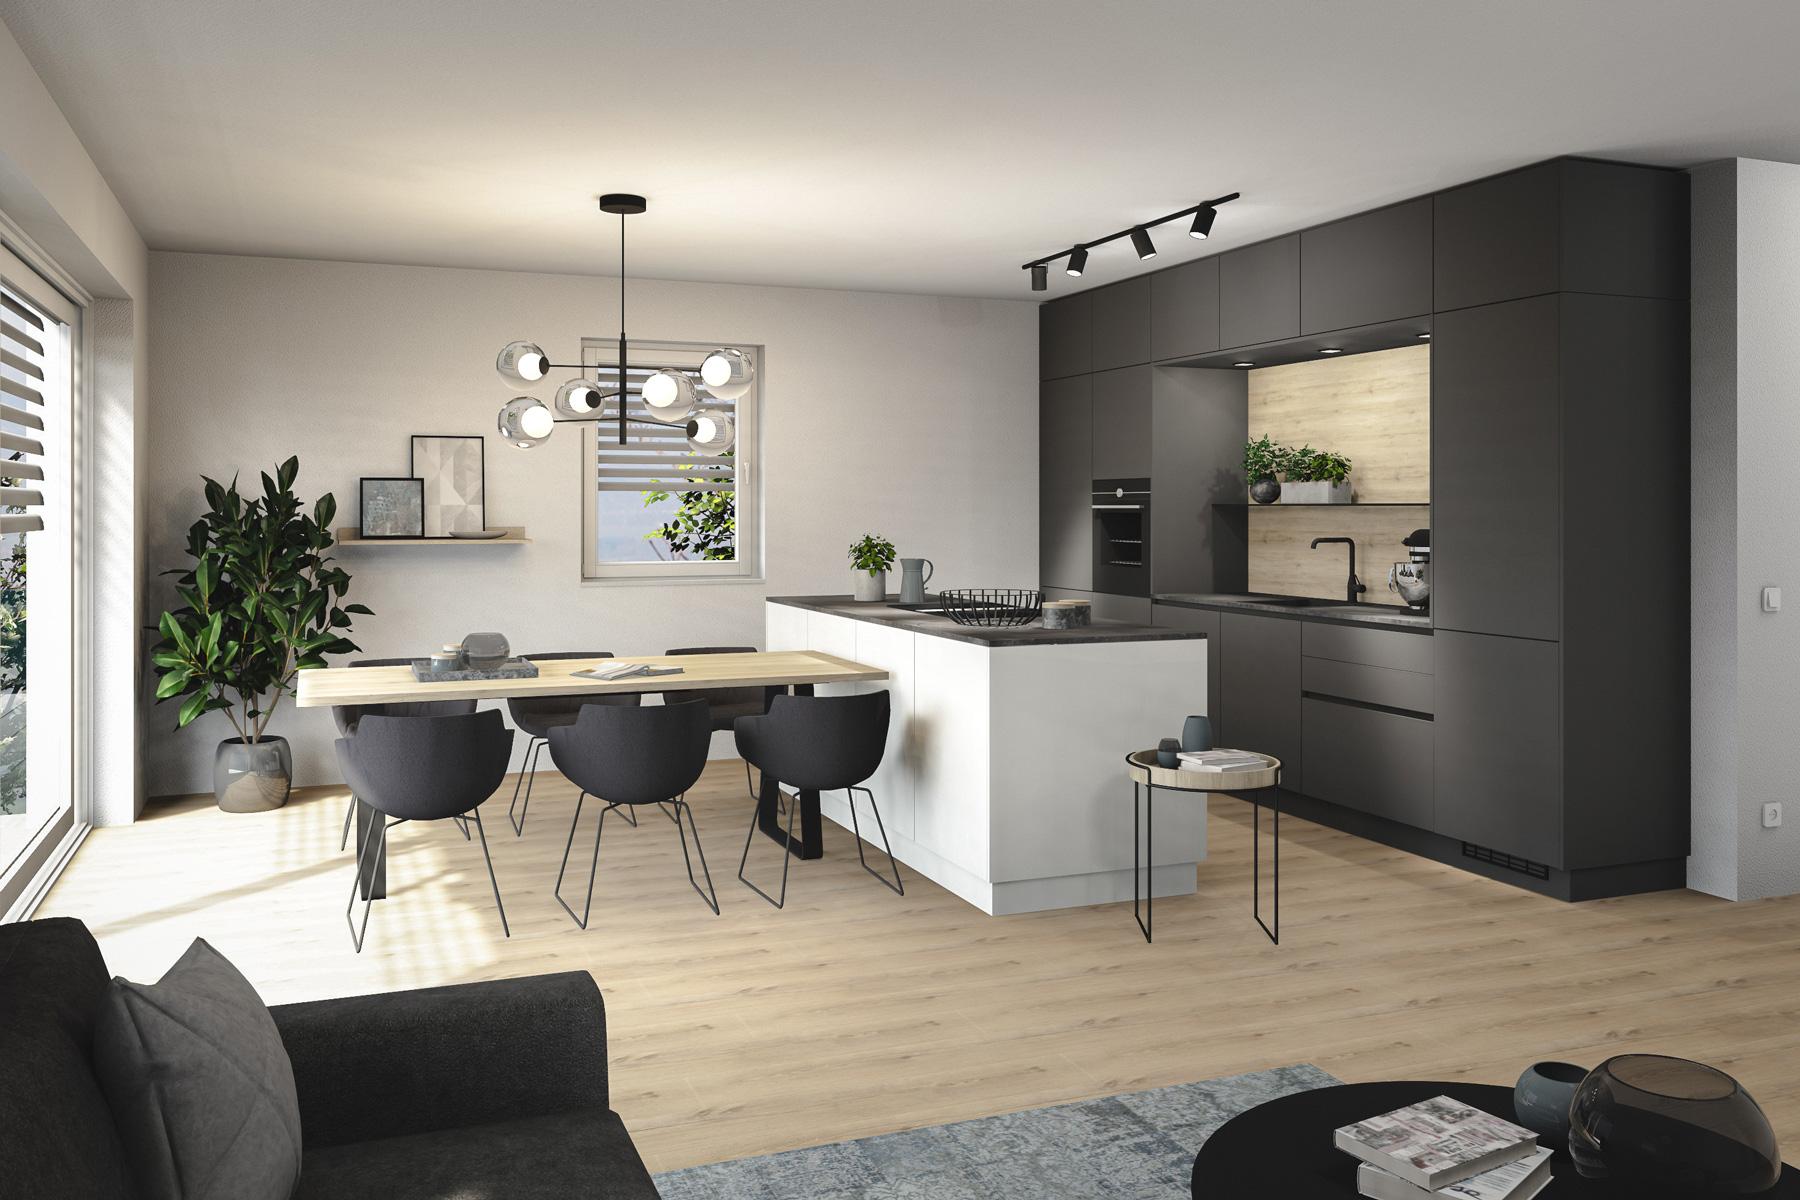 Kueche-Visualisierng-Wohnungsprojekt